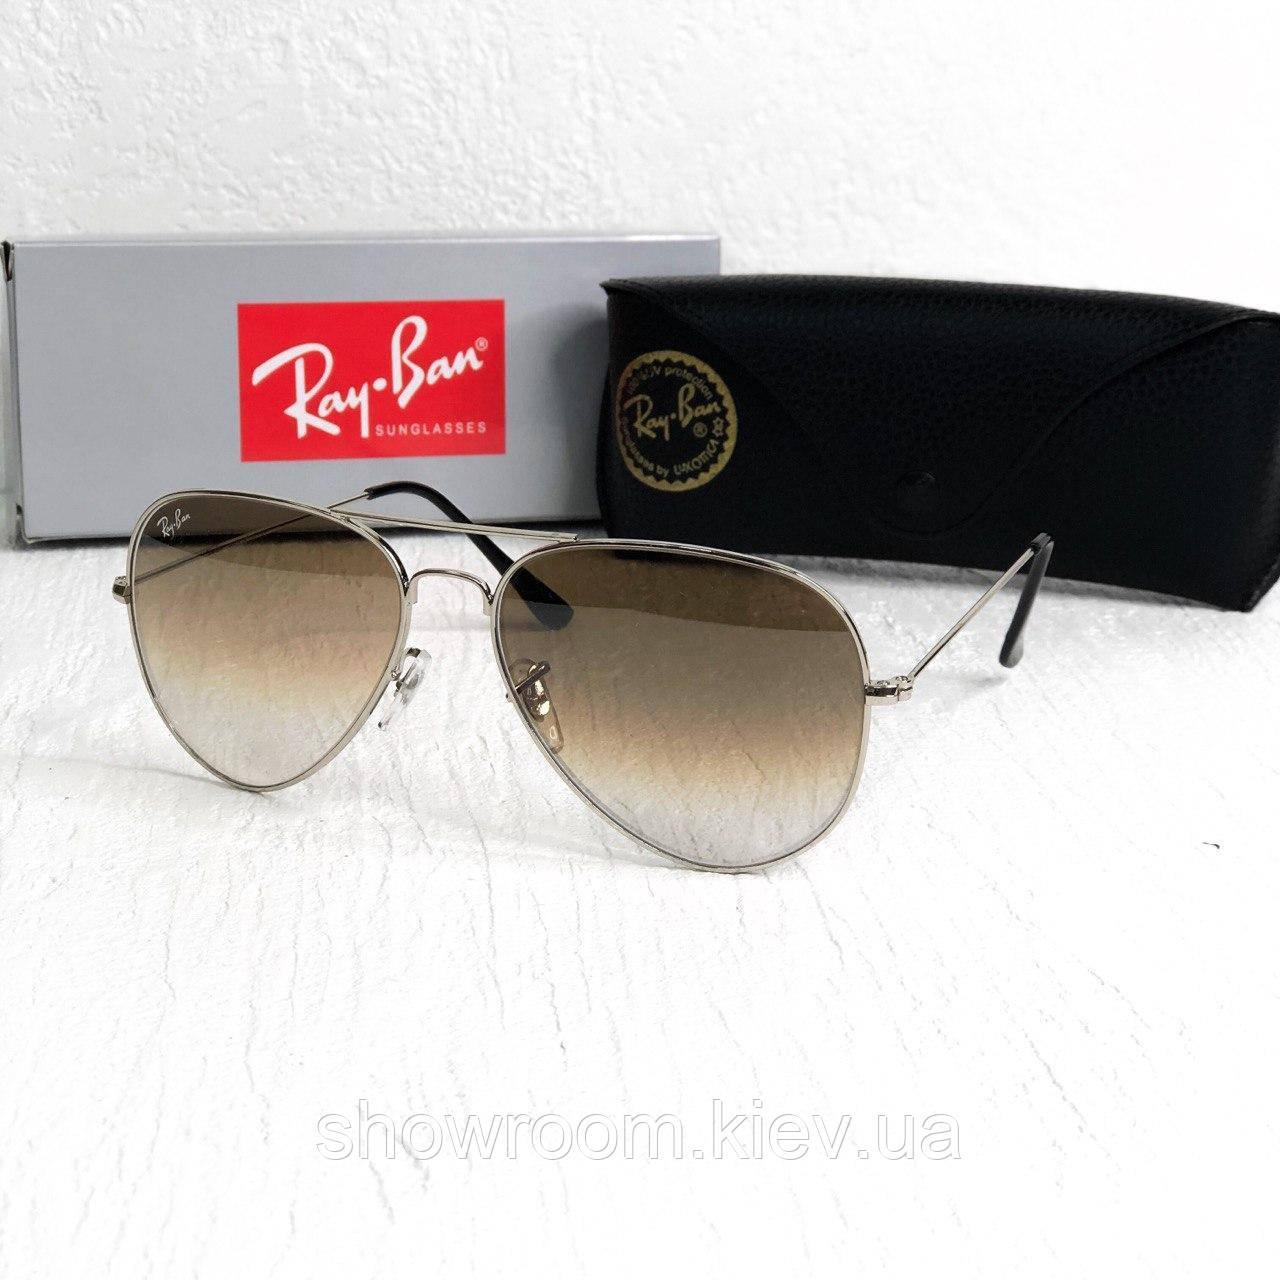 Мужские солнцезащитные очки авиаторы Rb brown